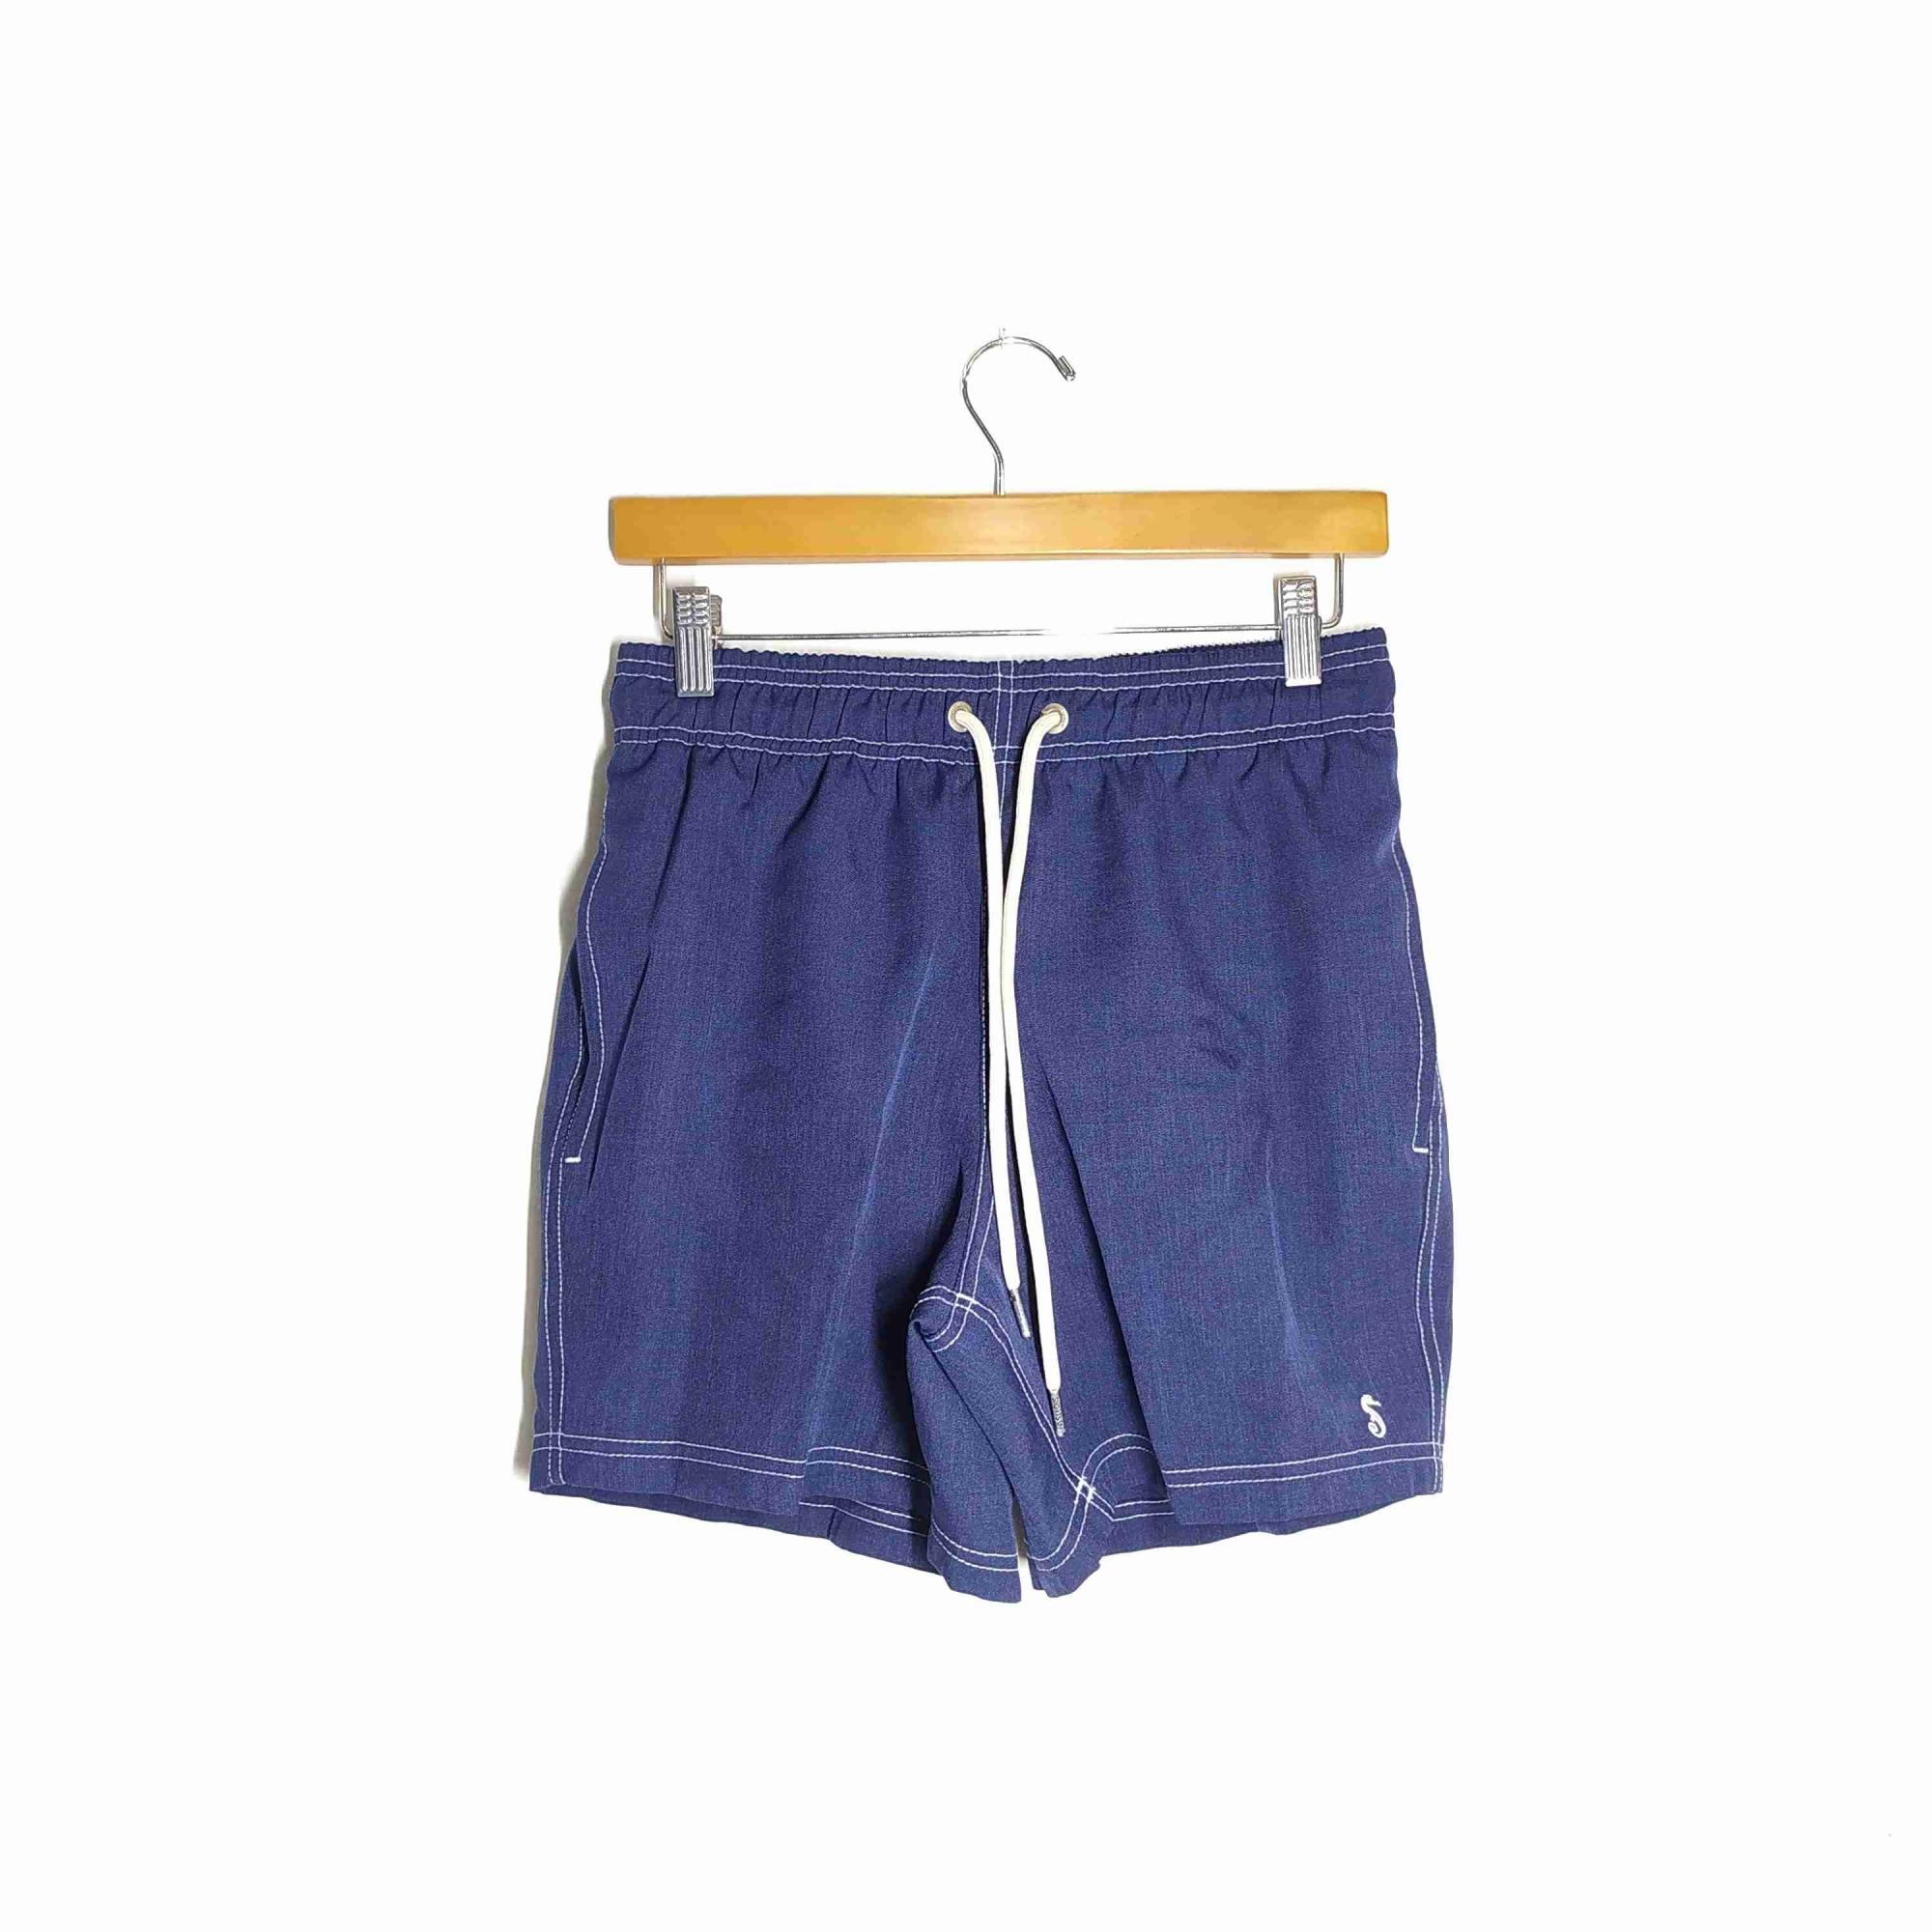 Shorts Co Shorts Oxford Azul Marinho Adulto